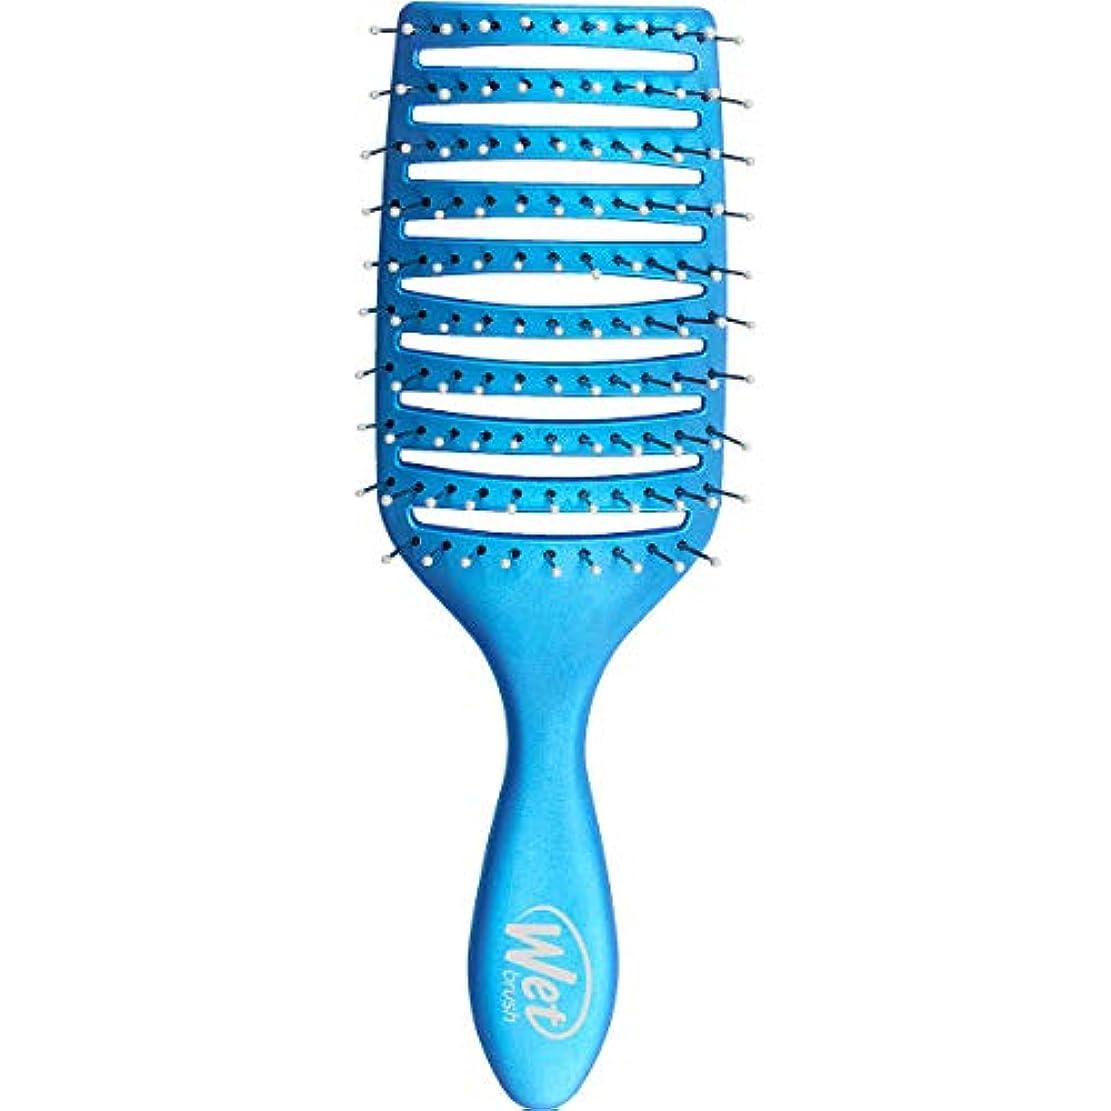 通信網マウスピースイーウェルウェットブラシ WetBrush エピック クイックドライ ヘアブラシ ブルー